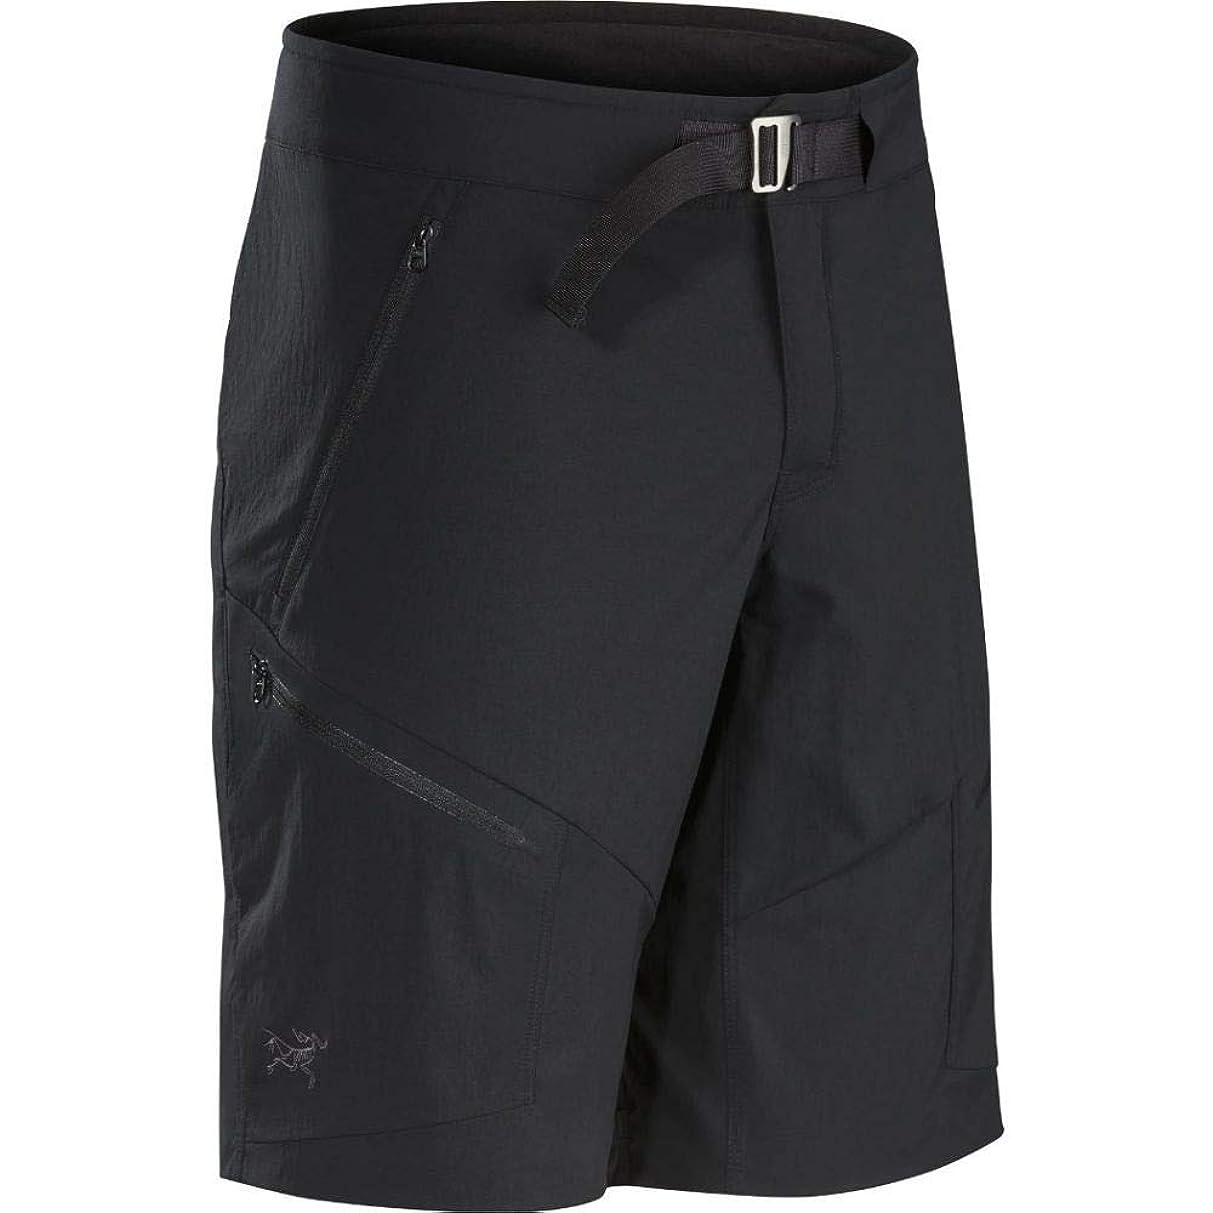 違う階下濃度Arc'teryx (アークテリクス) メンズ ボトムス?パンツ ショートパンツ Arc'teryx Palisade Shorts Black サイズ32 [並行輸入品]